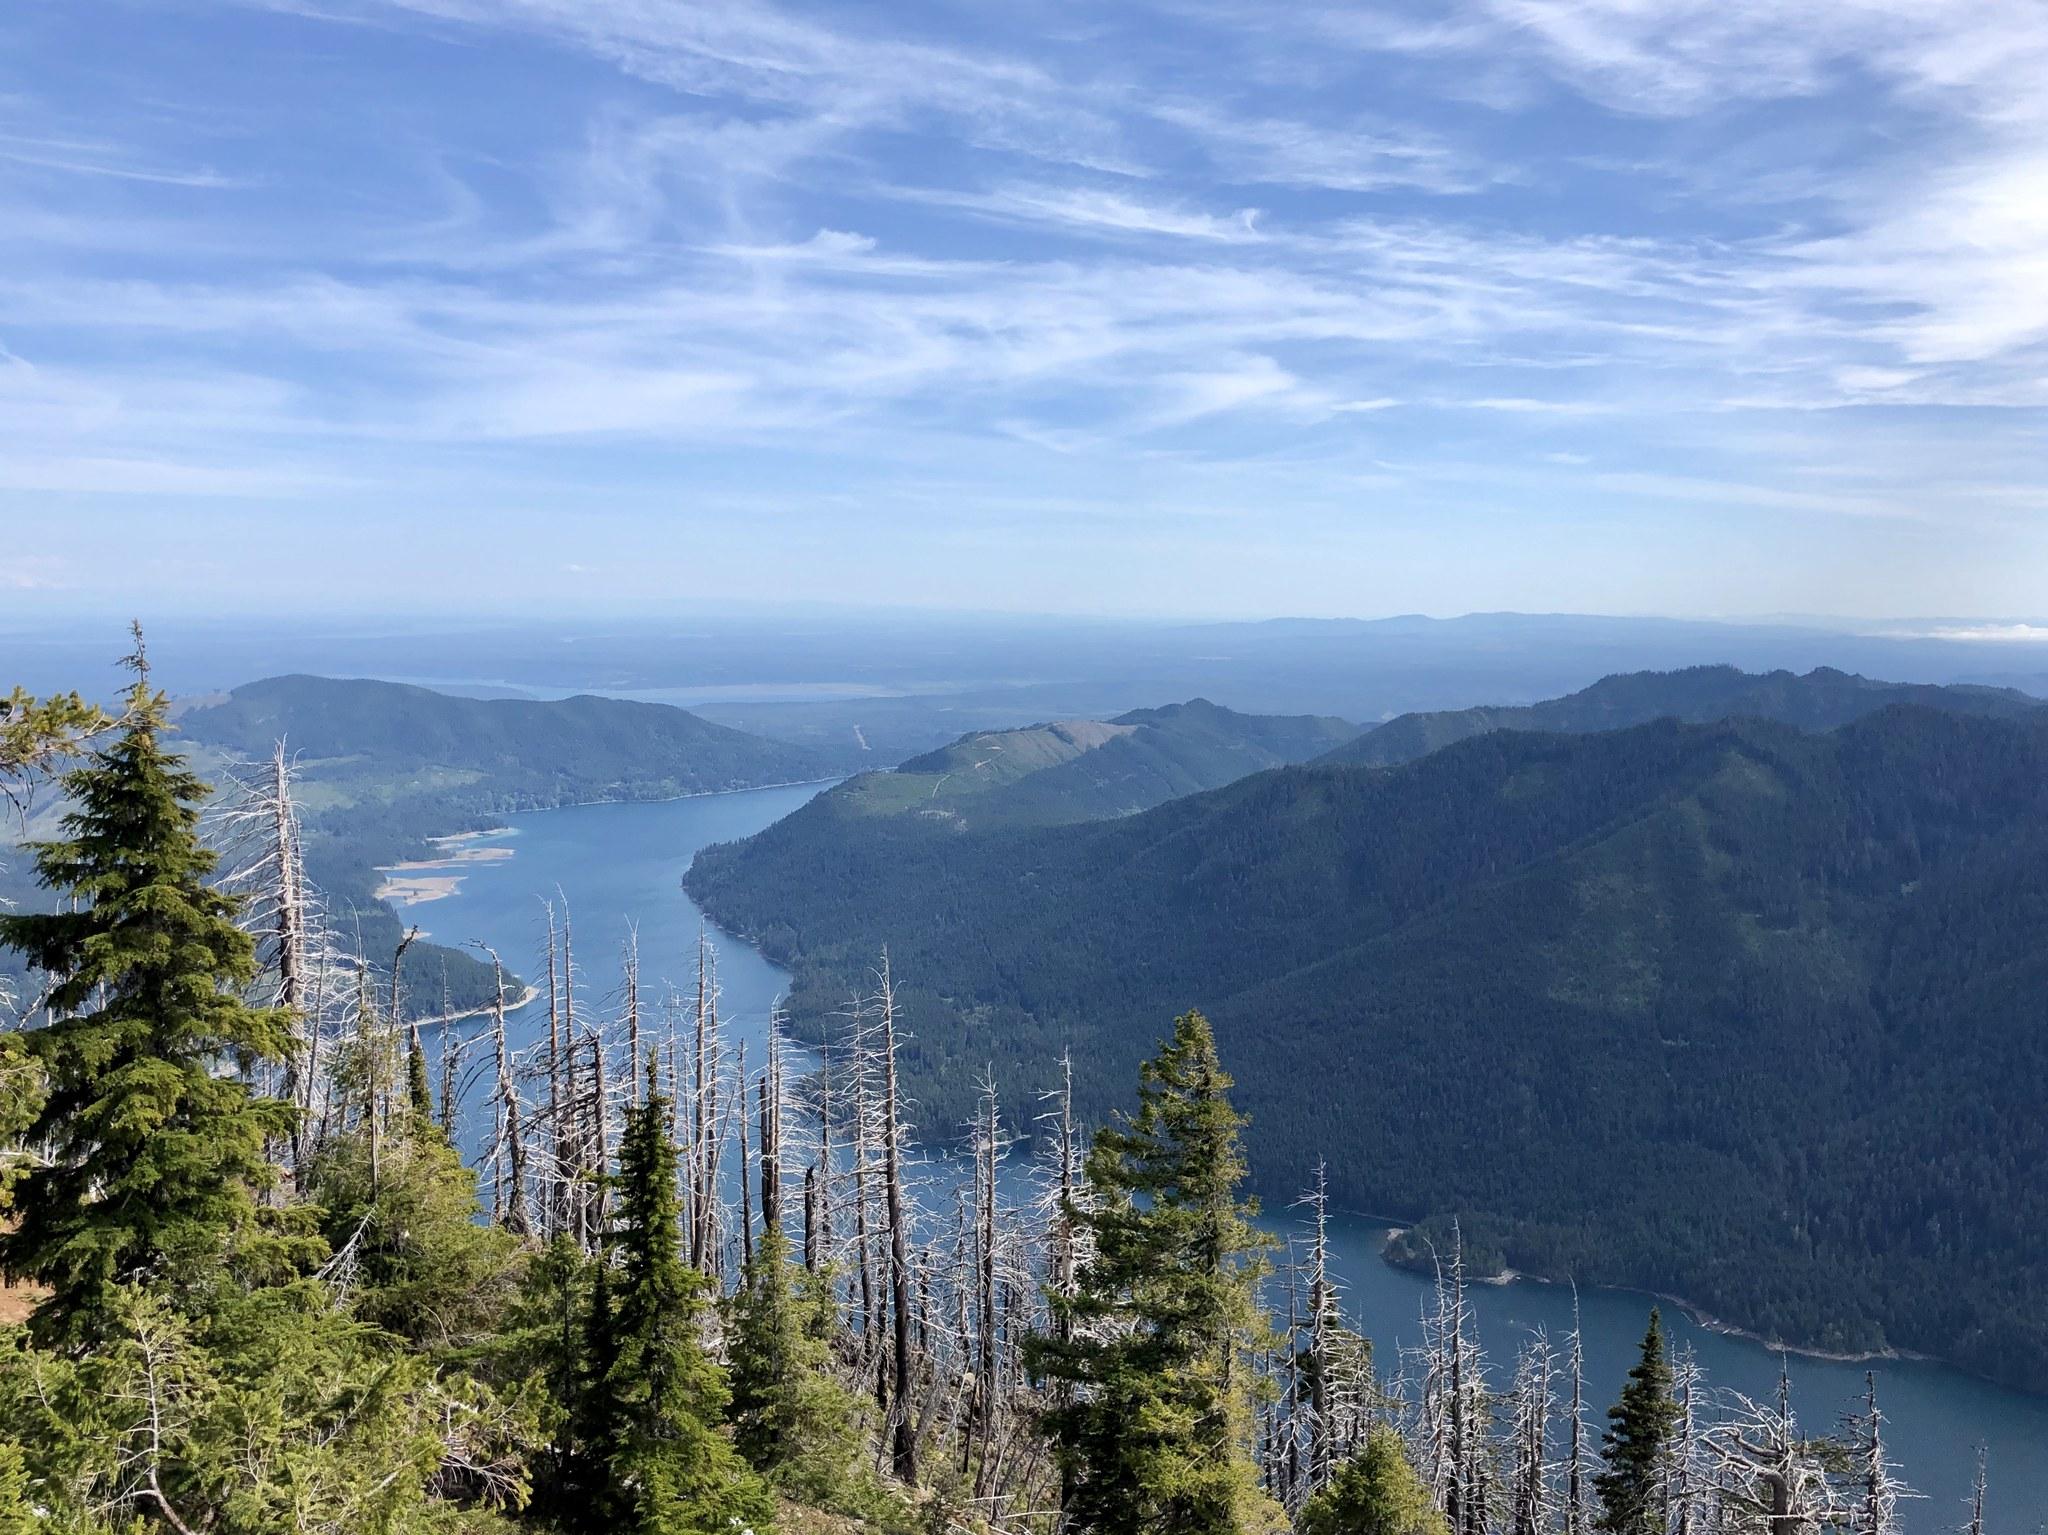 Mount Townsend approach